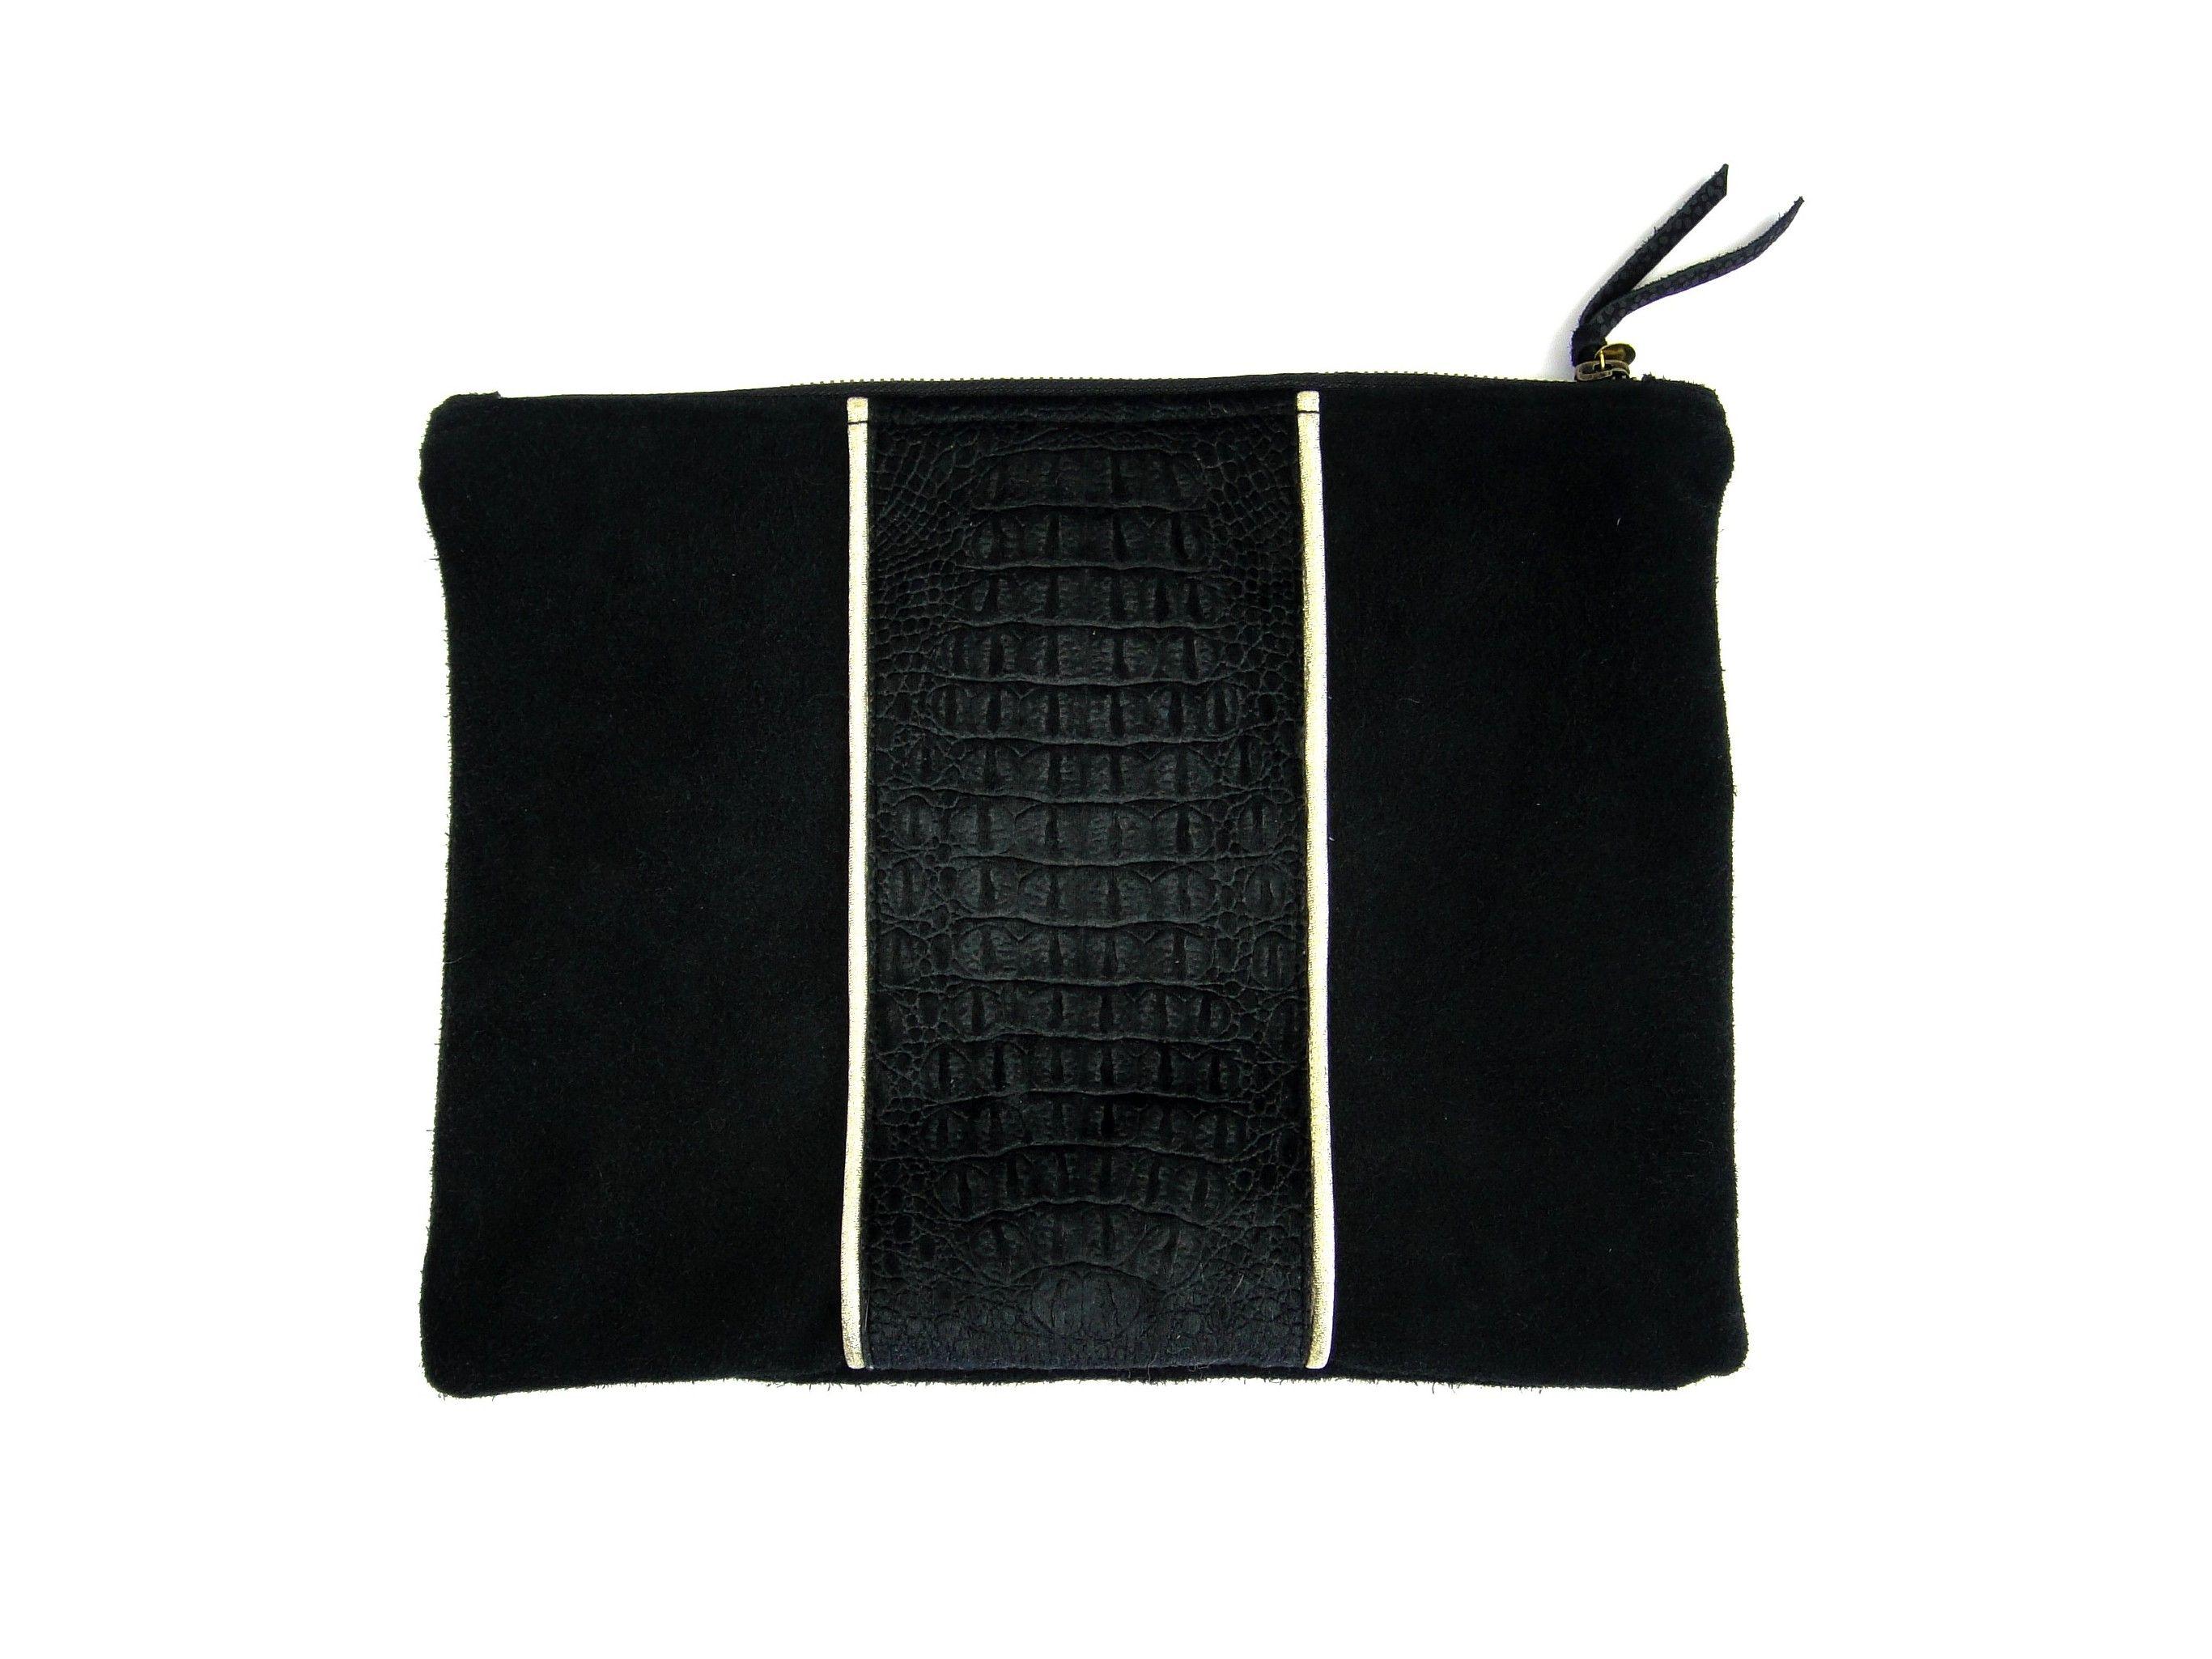 * Pochette en cuir et velours croco * #pochette #cuir #leather #velours #croco #doré #madeinfrance #lesdesinvoltes